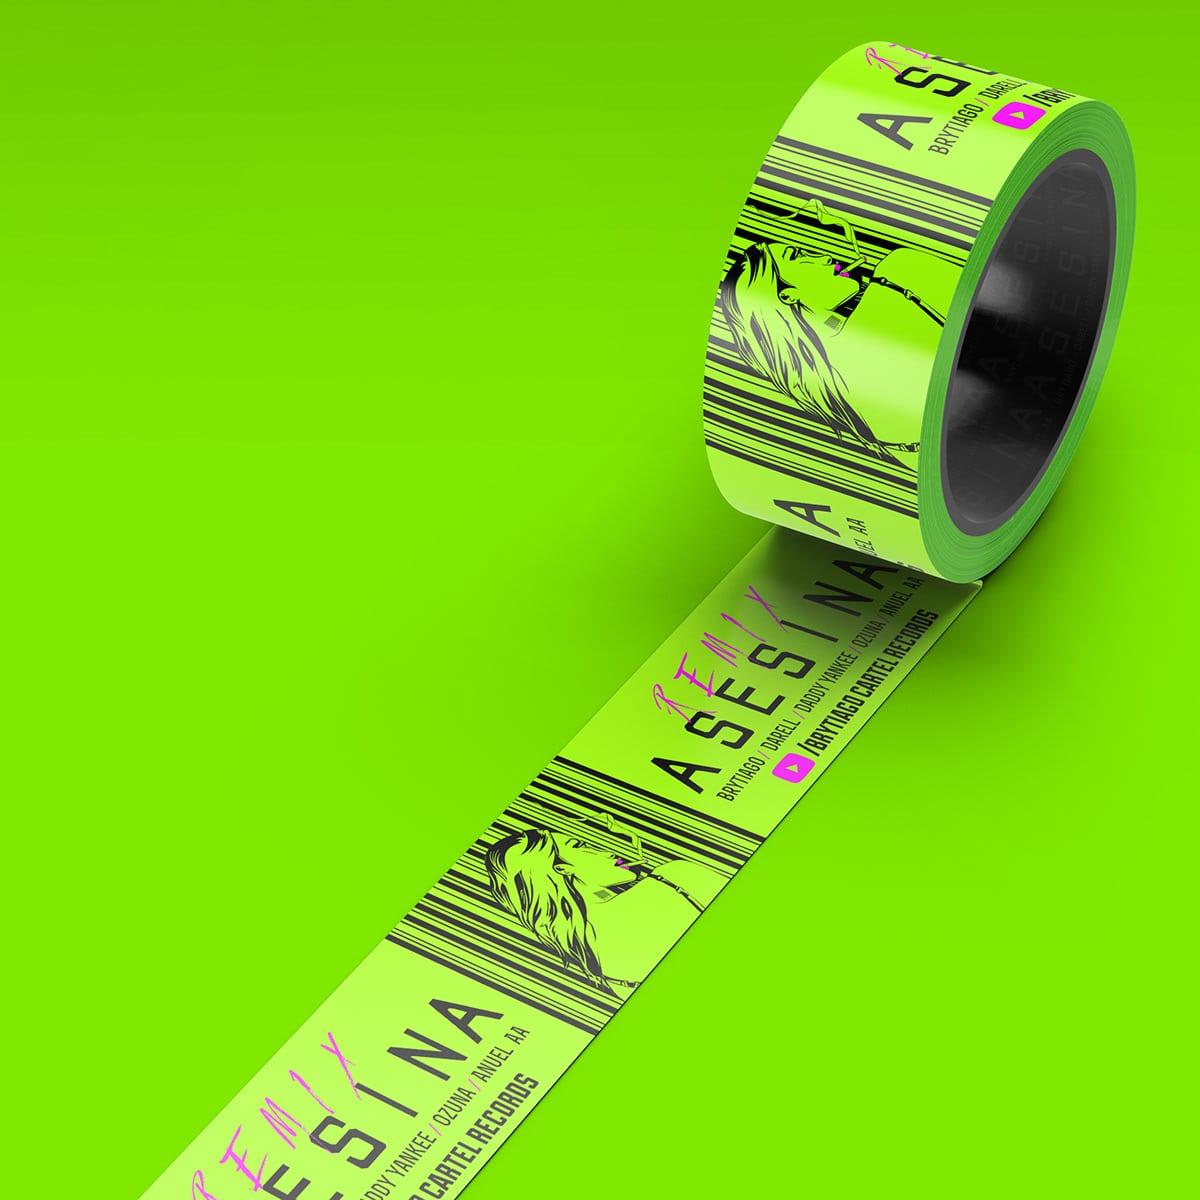 cinta delimitadora verde limón asesina 2heart